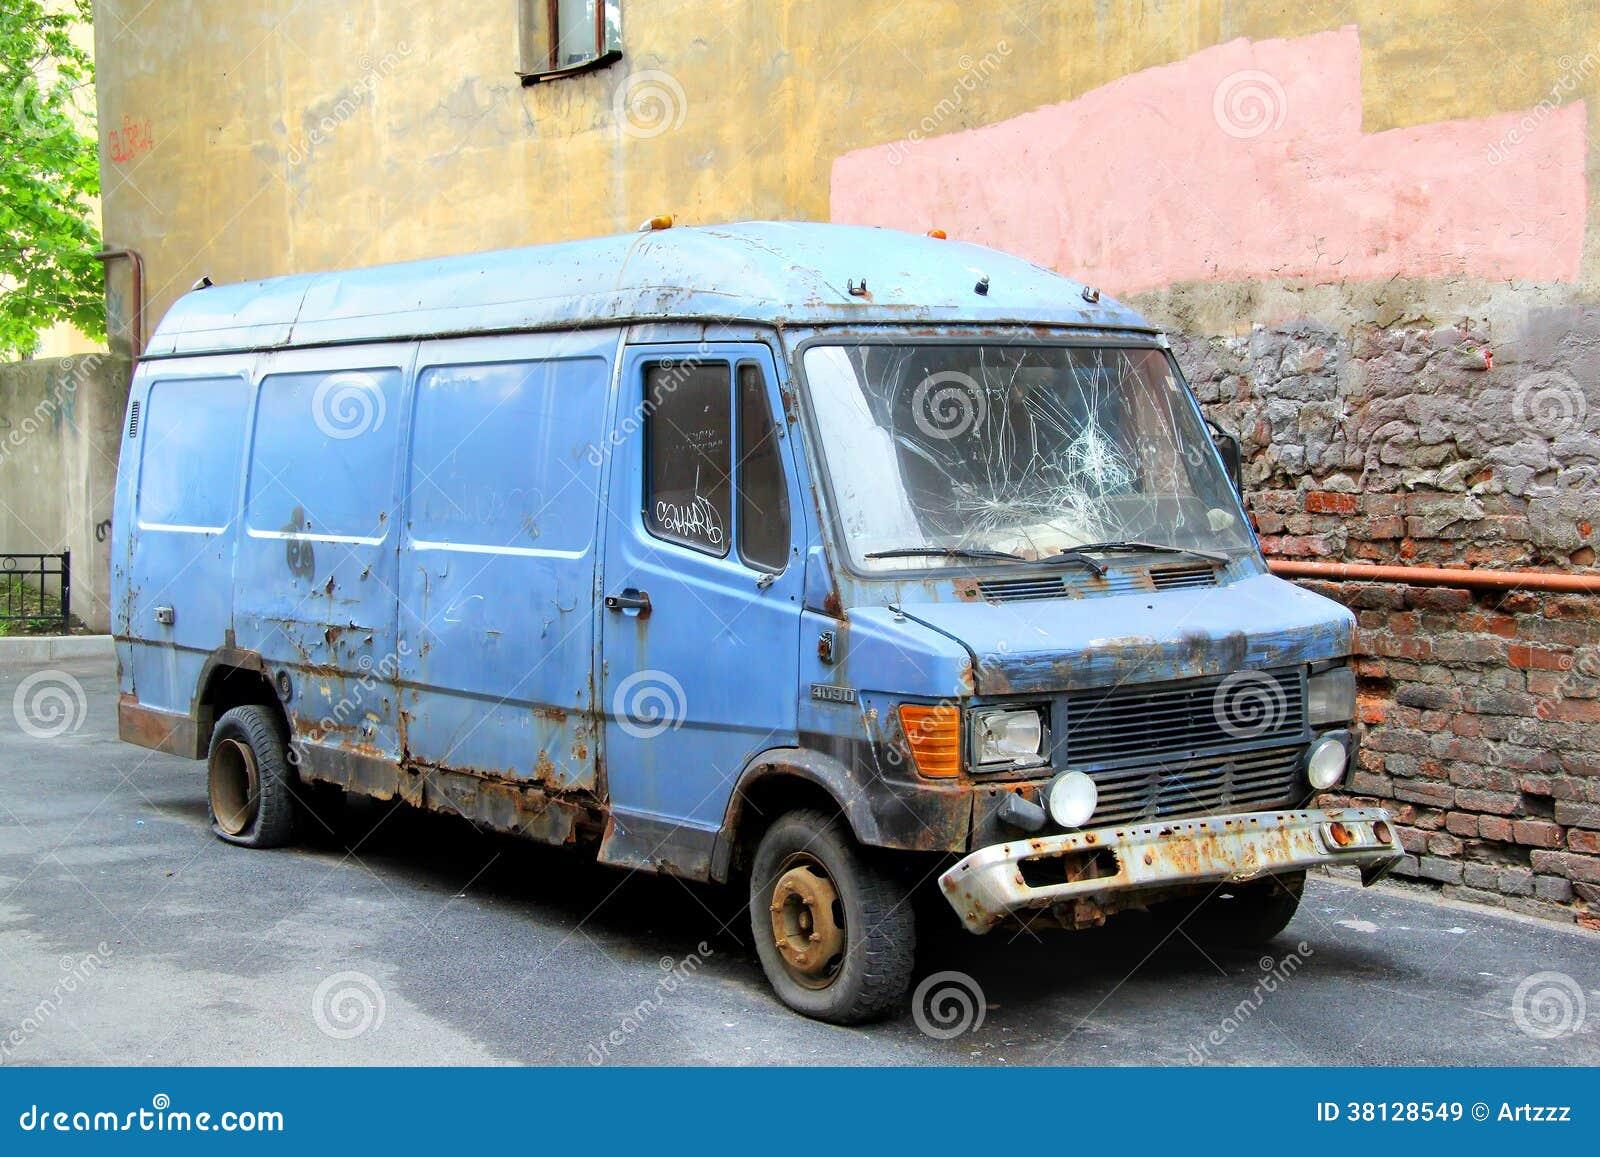 Mercedes Benz 63 Gullwing Emblem Jill Reger furthermore 3522 Bruder Vrachtwagen Scania Met Afrolcontainer besides 262221330227 moreover Mansory Mercedes Benz G500 4 4 Wallpaper additionally 43809. on mercedes benz logo in 3d